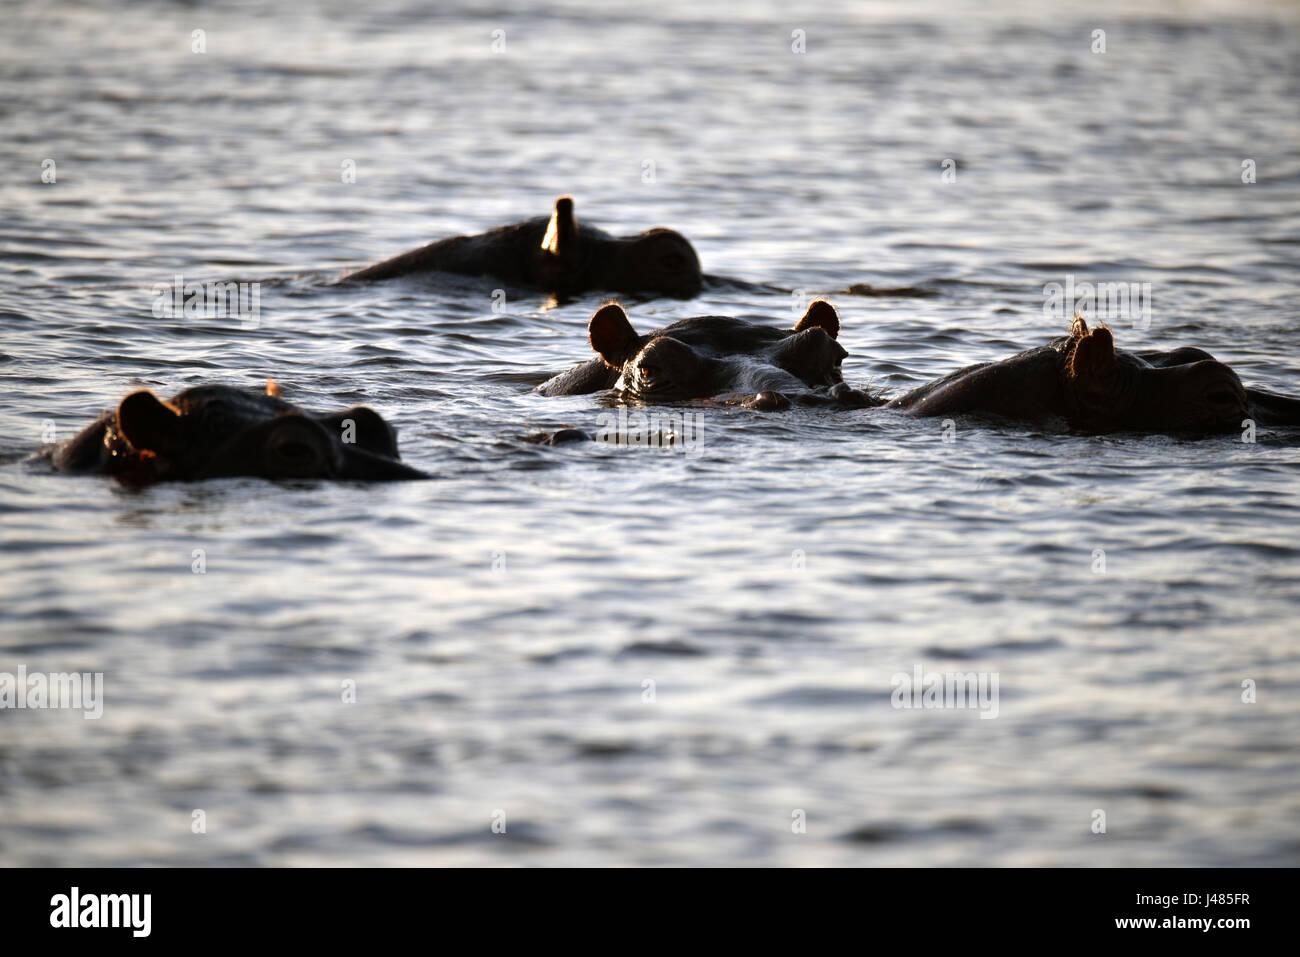 Durante el día, hipopótamos permanecen mayormente sumergidos en agua, acaba de levantar la parte superior Imagen De Stock